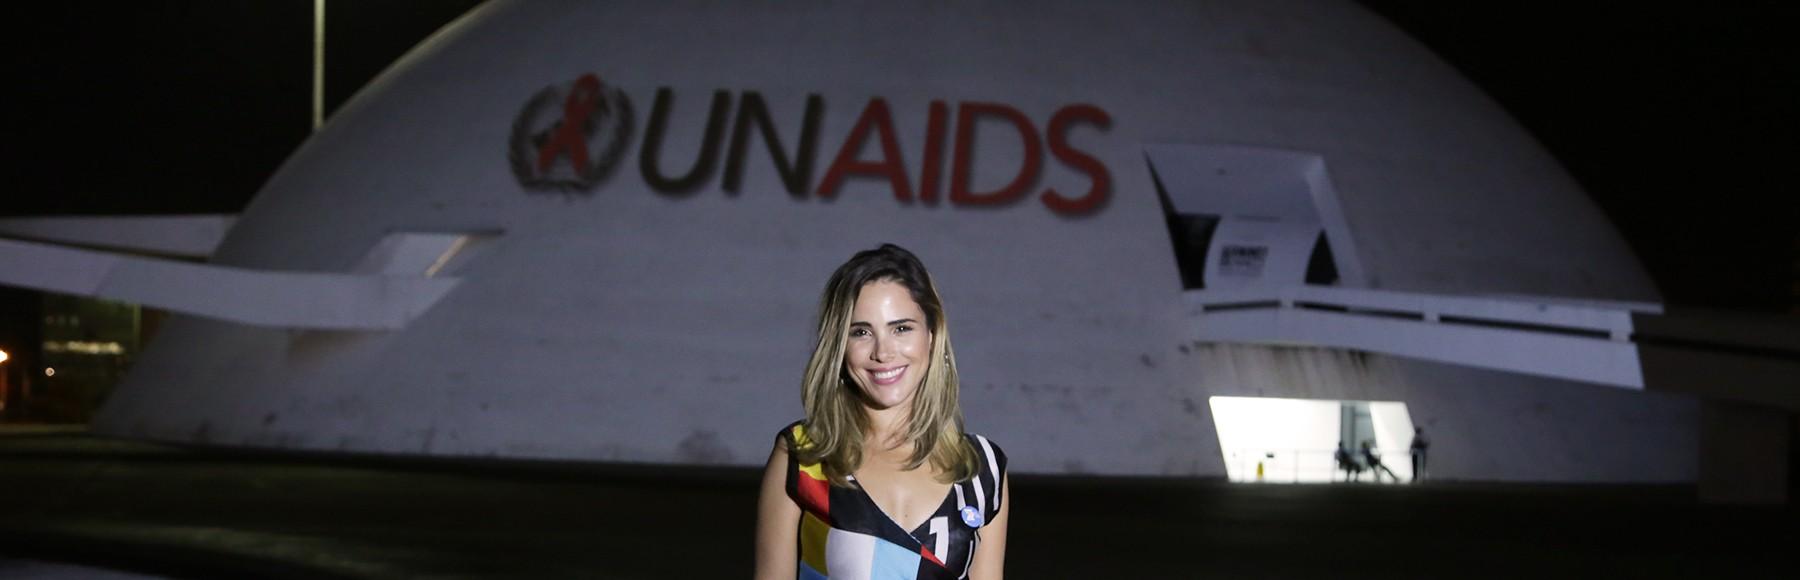 2015_09_10_DESTAQUE_SITE_UNAIDS_BR_WAN2